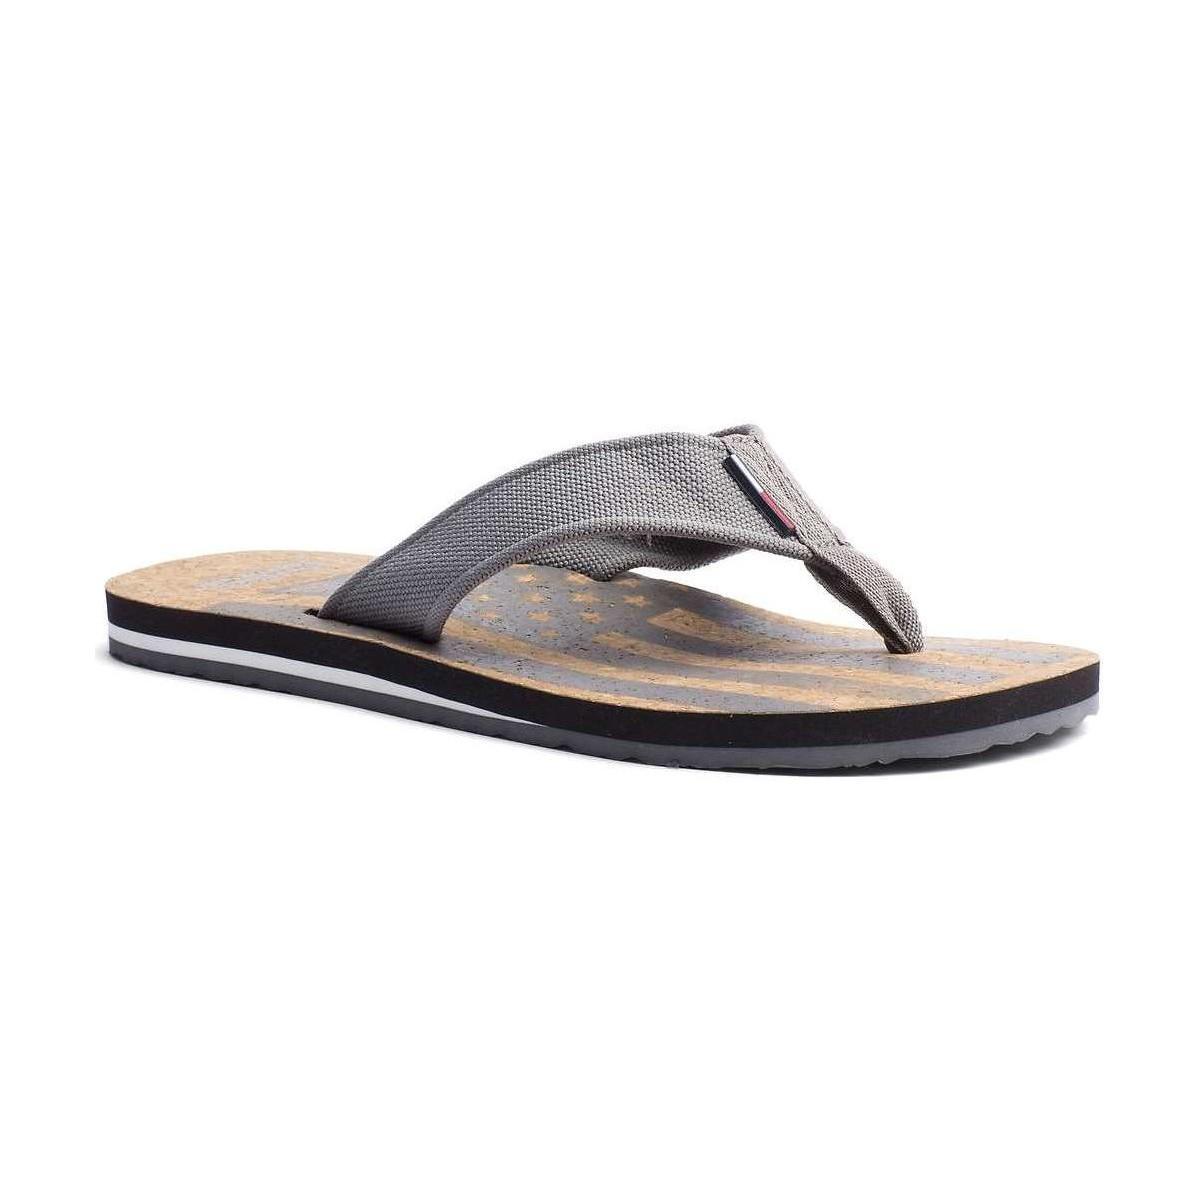 tommy hilfiger fm0fm00619 flip flops man grey men 39 s flip flops sandals shoes in grey in gray. Black Bedroom Furniture Sets. Home Design Ideas